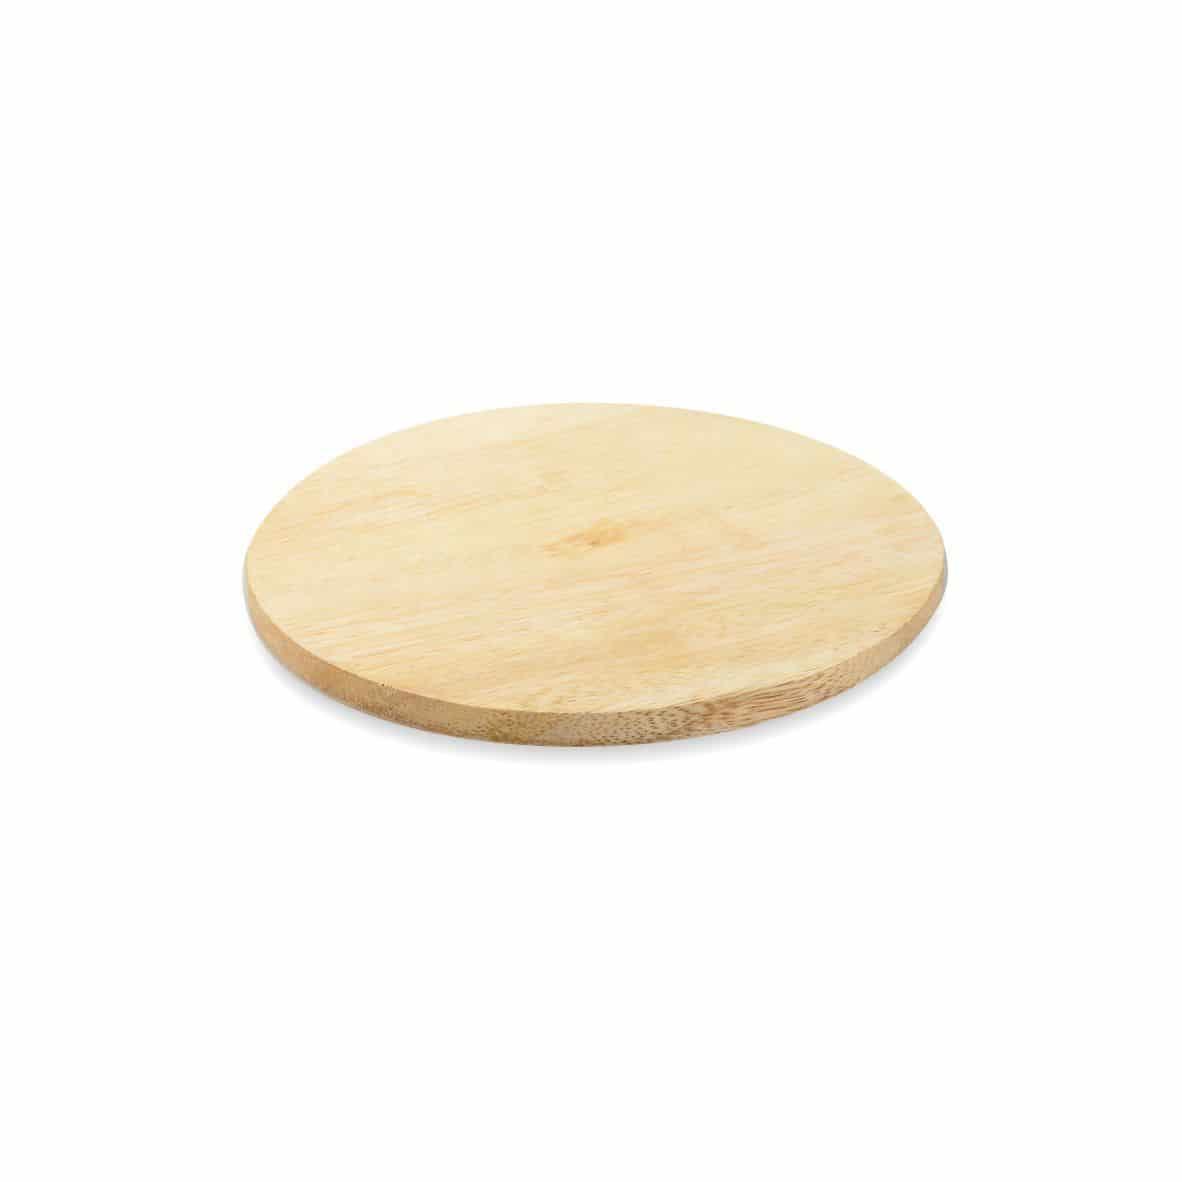 Kerzenteller Holz 100 mm, natur